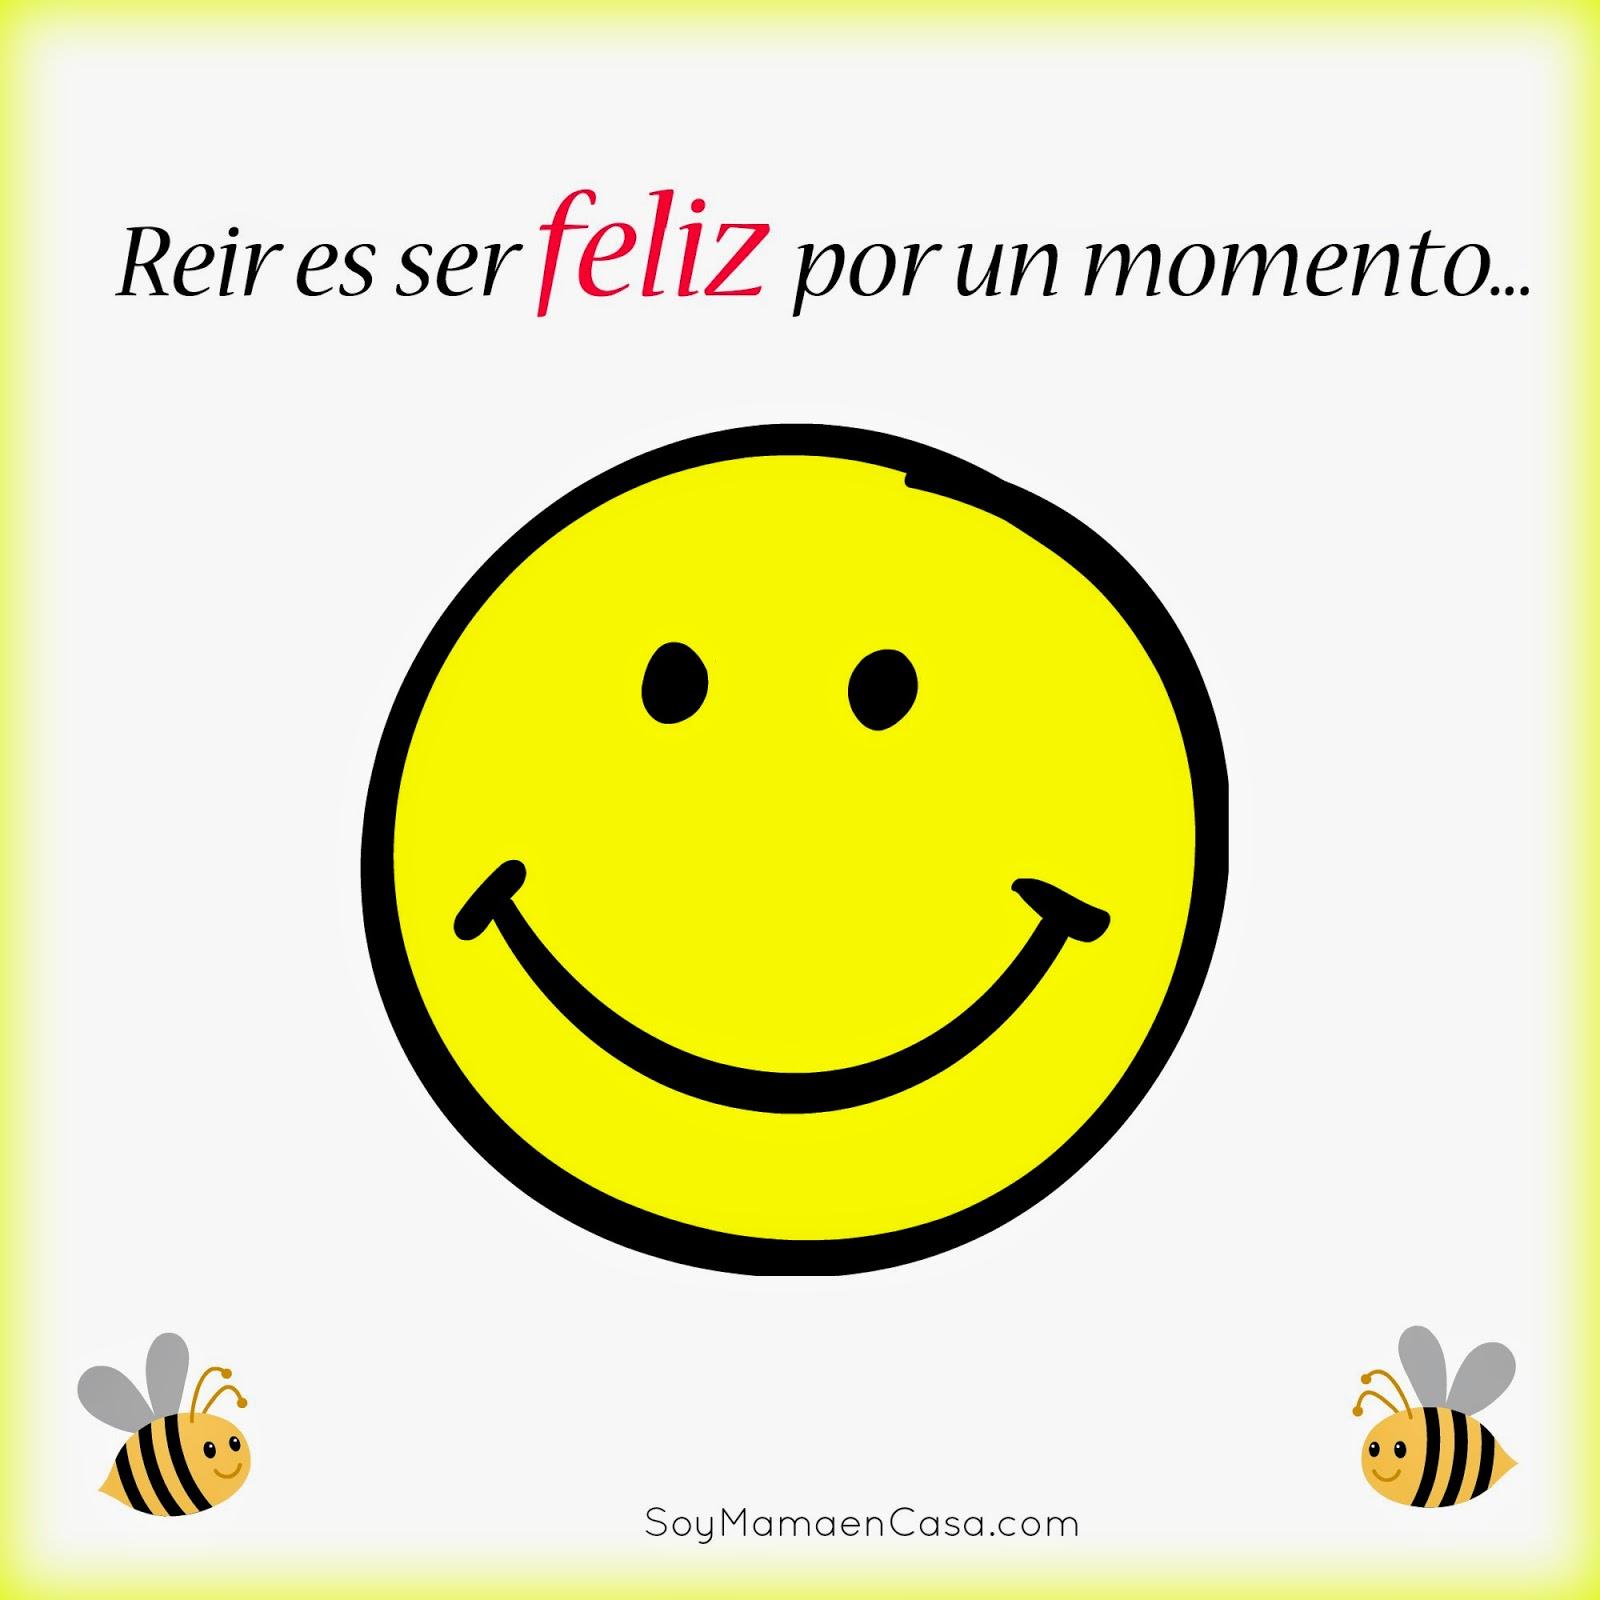 reir, feliz, smile, sonrisas